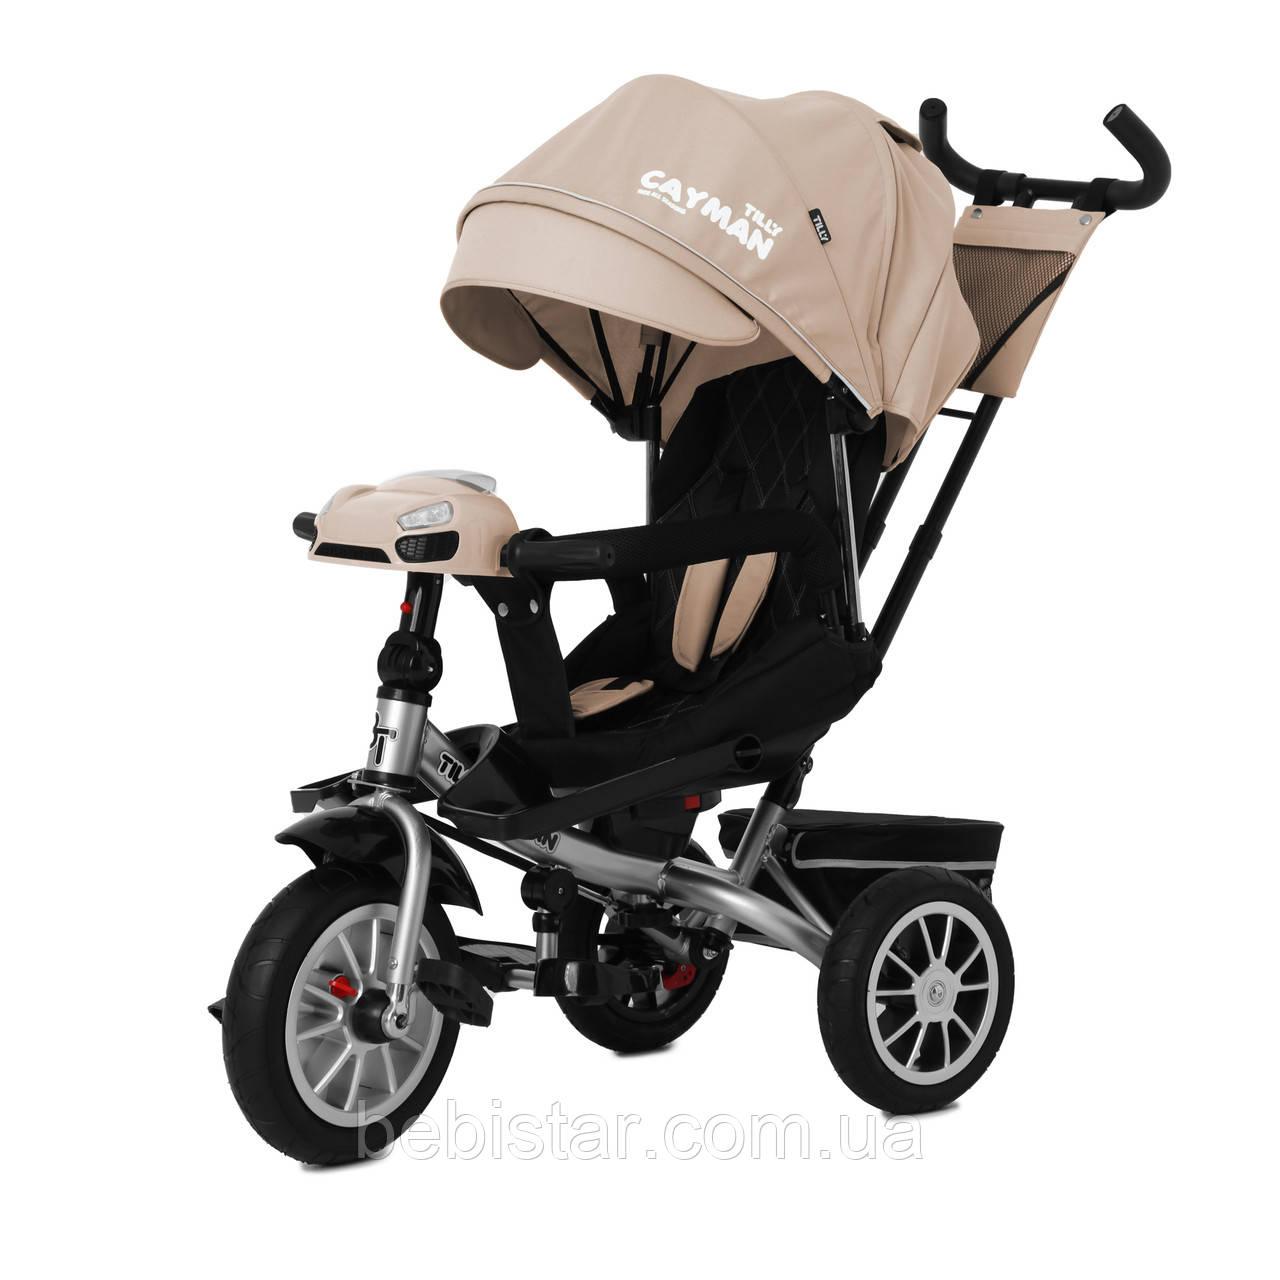 Трехколесный велосипед TILLY CAYMAN 381/3 бежевый пульт поворот сидения надувные колес музыка и свет